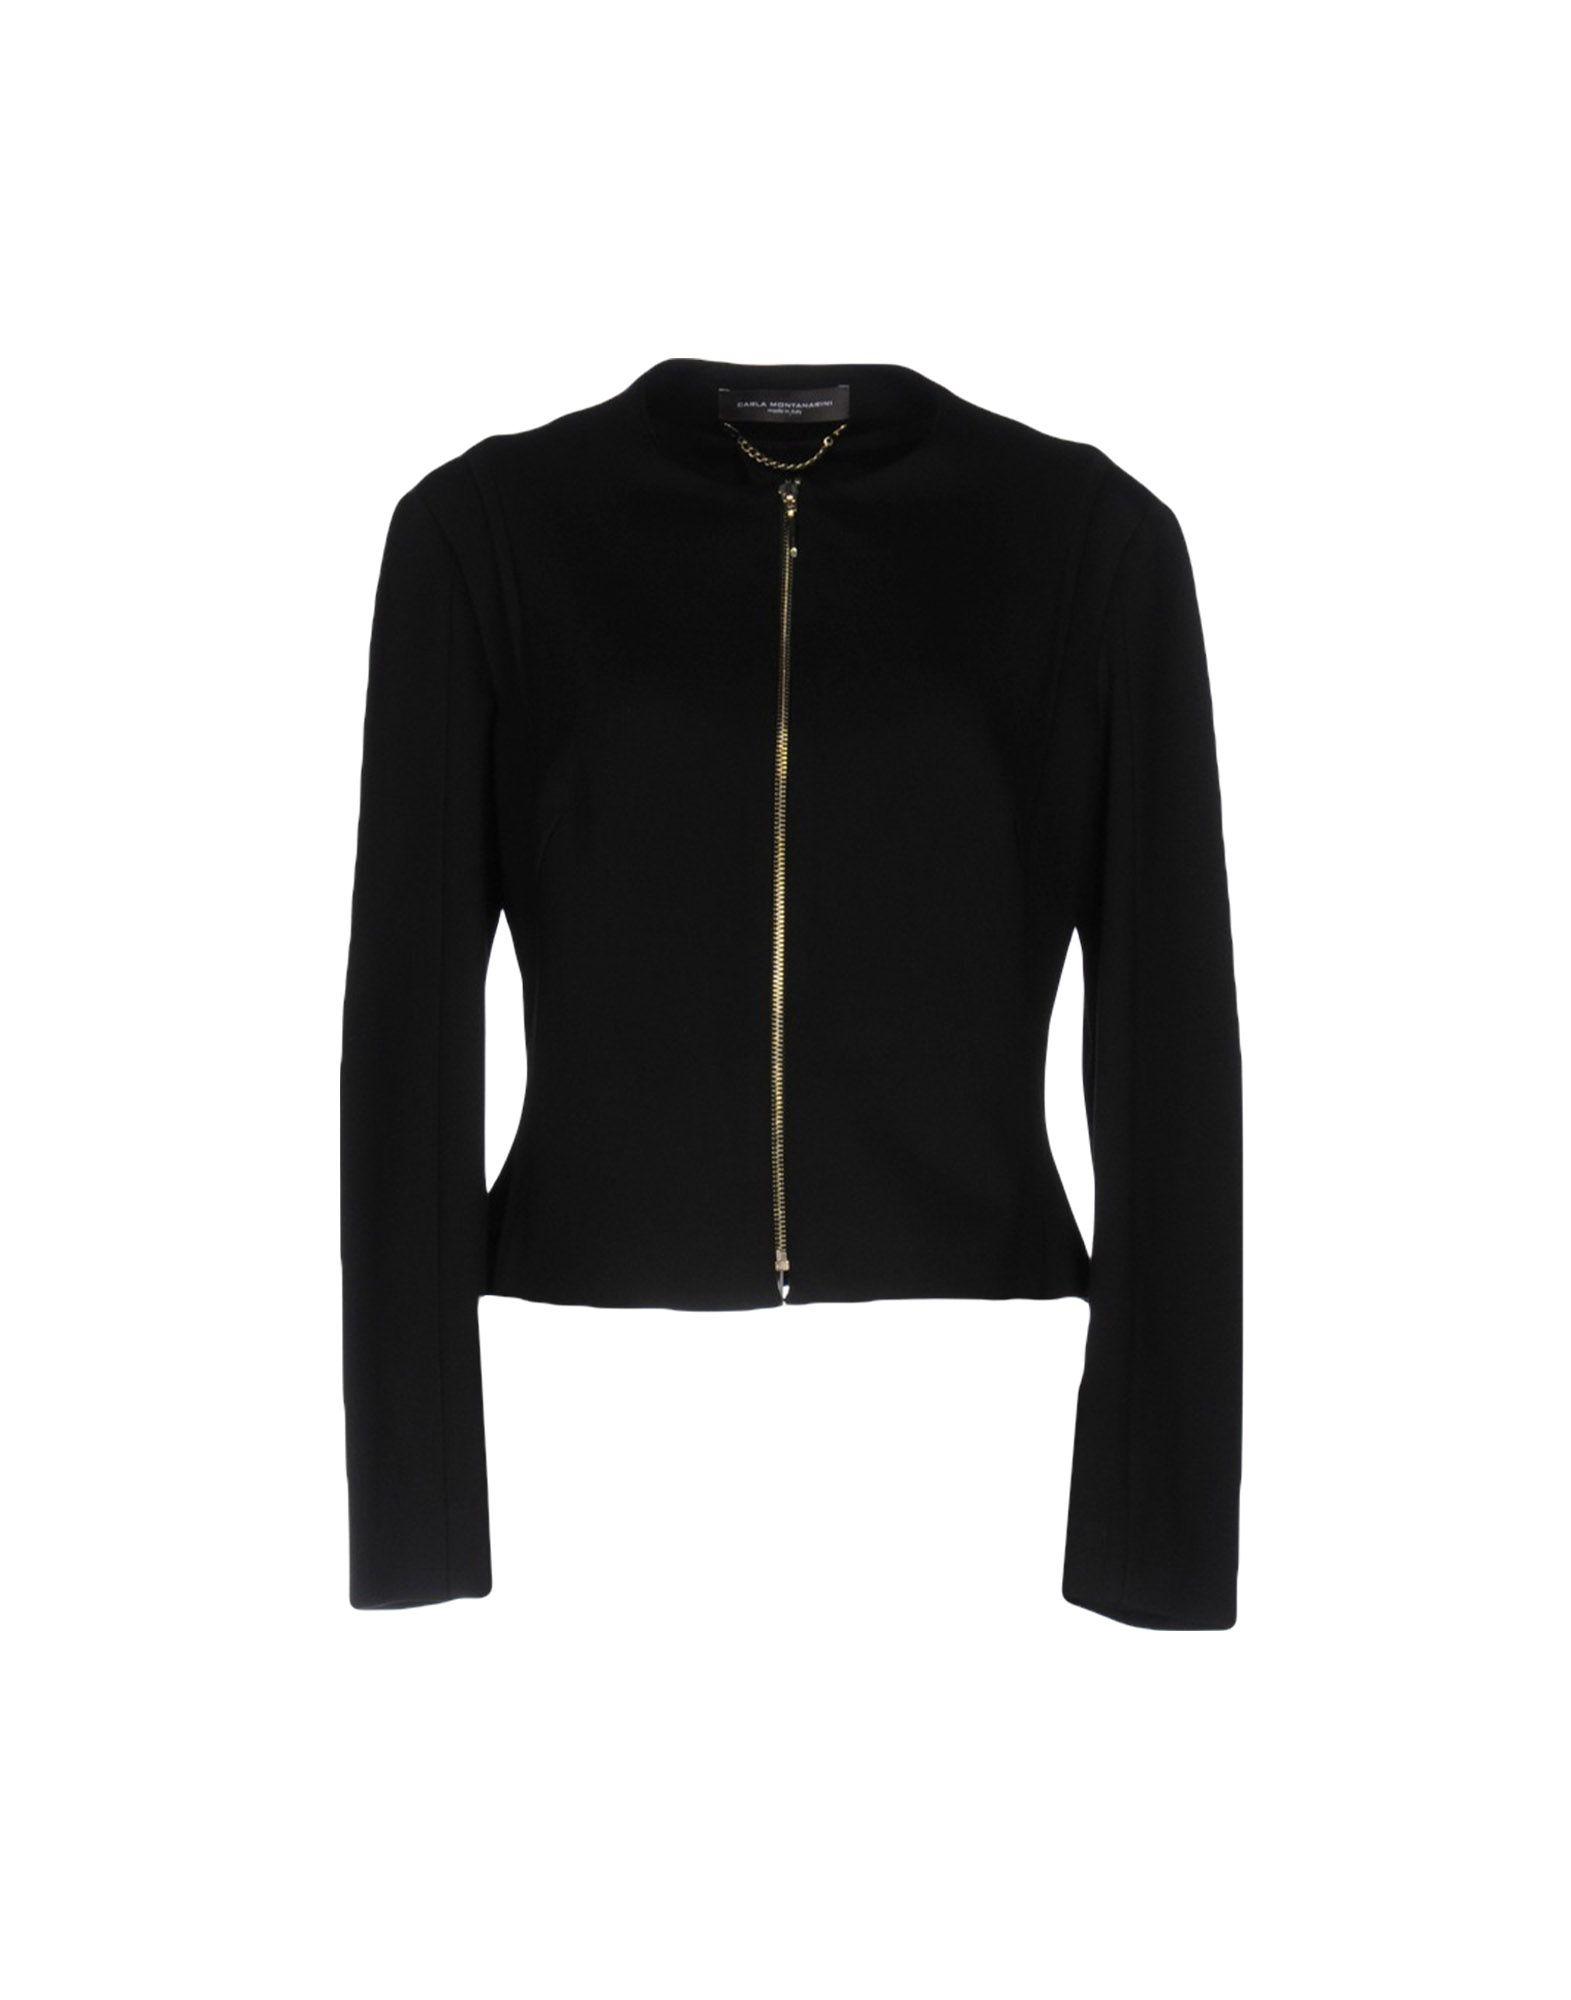 CARLA MONTANARINI Damen Jackett Farbe Schwarz Größe 6 jetztbilligerkaufen